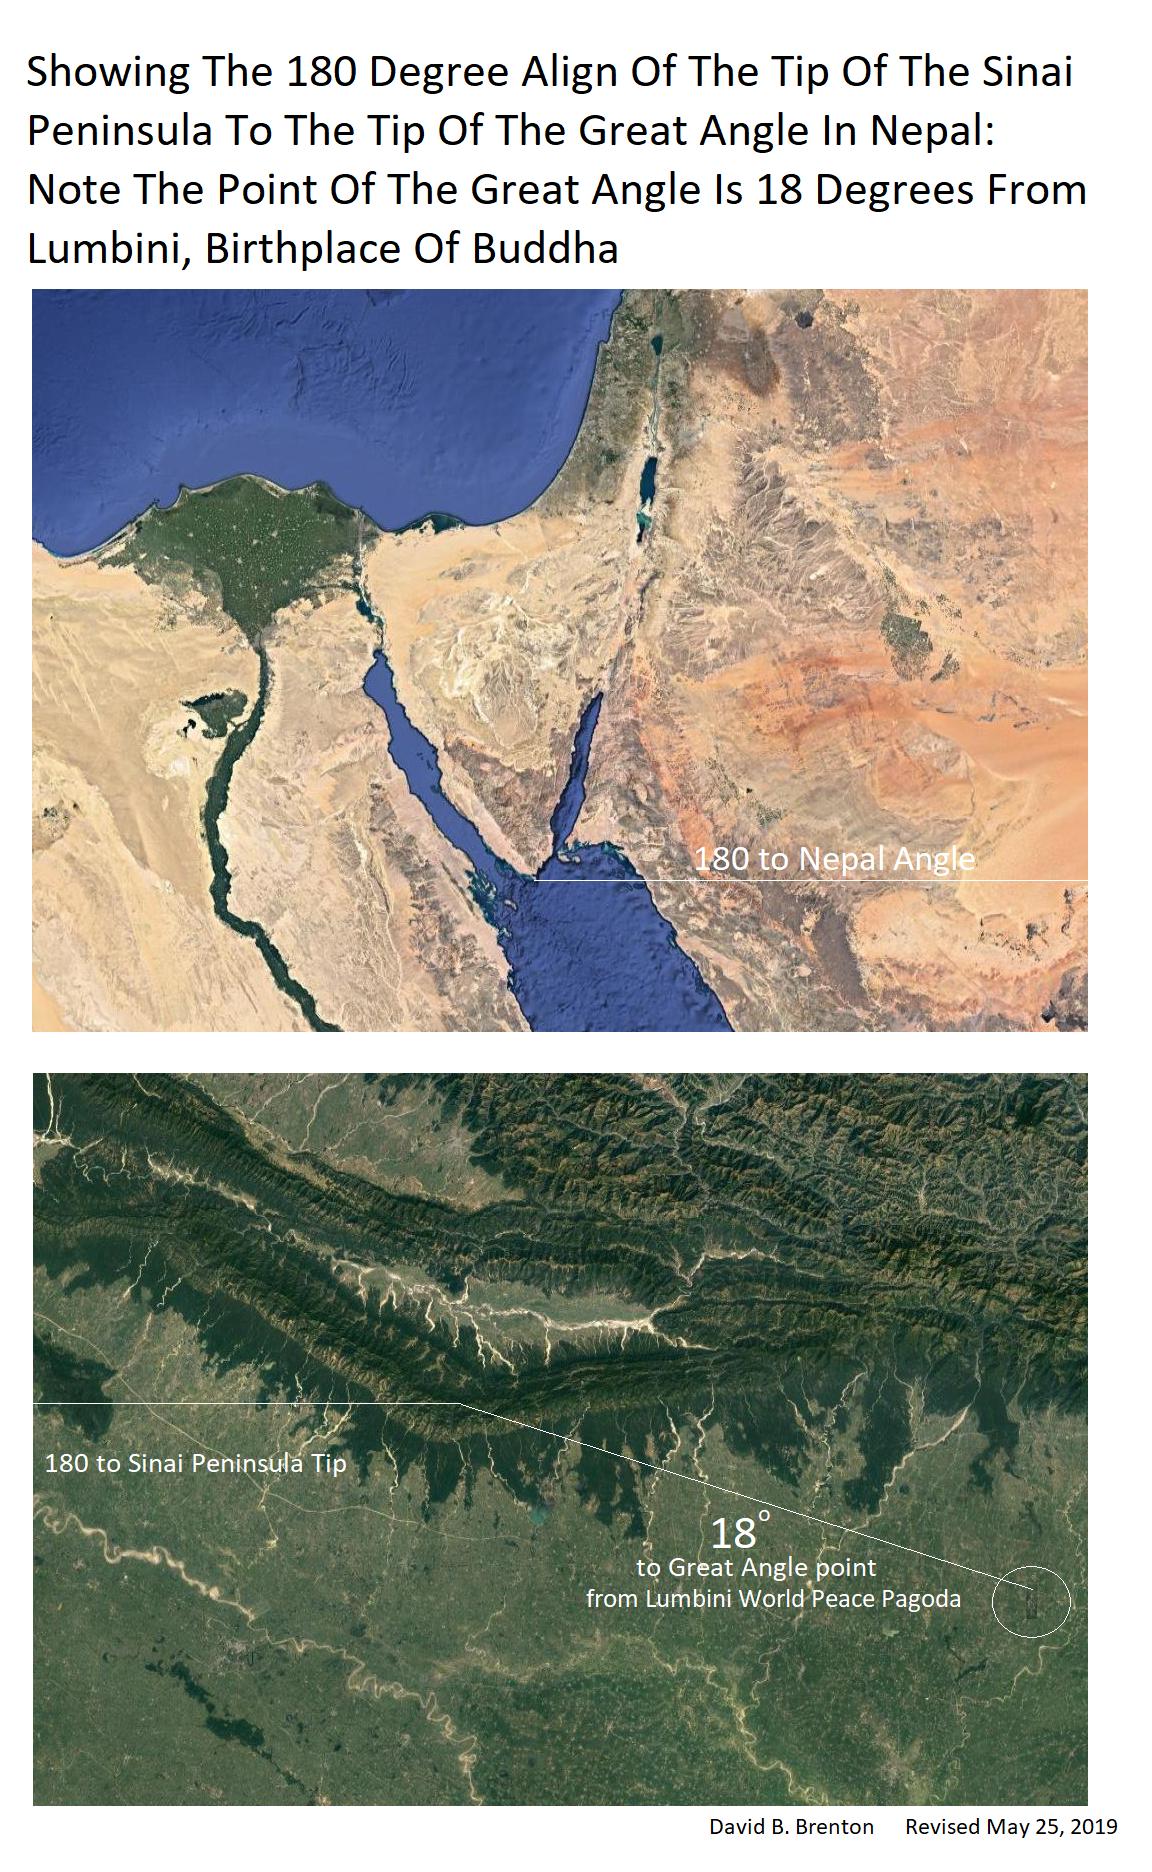 Sinai and Nepal Angle png